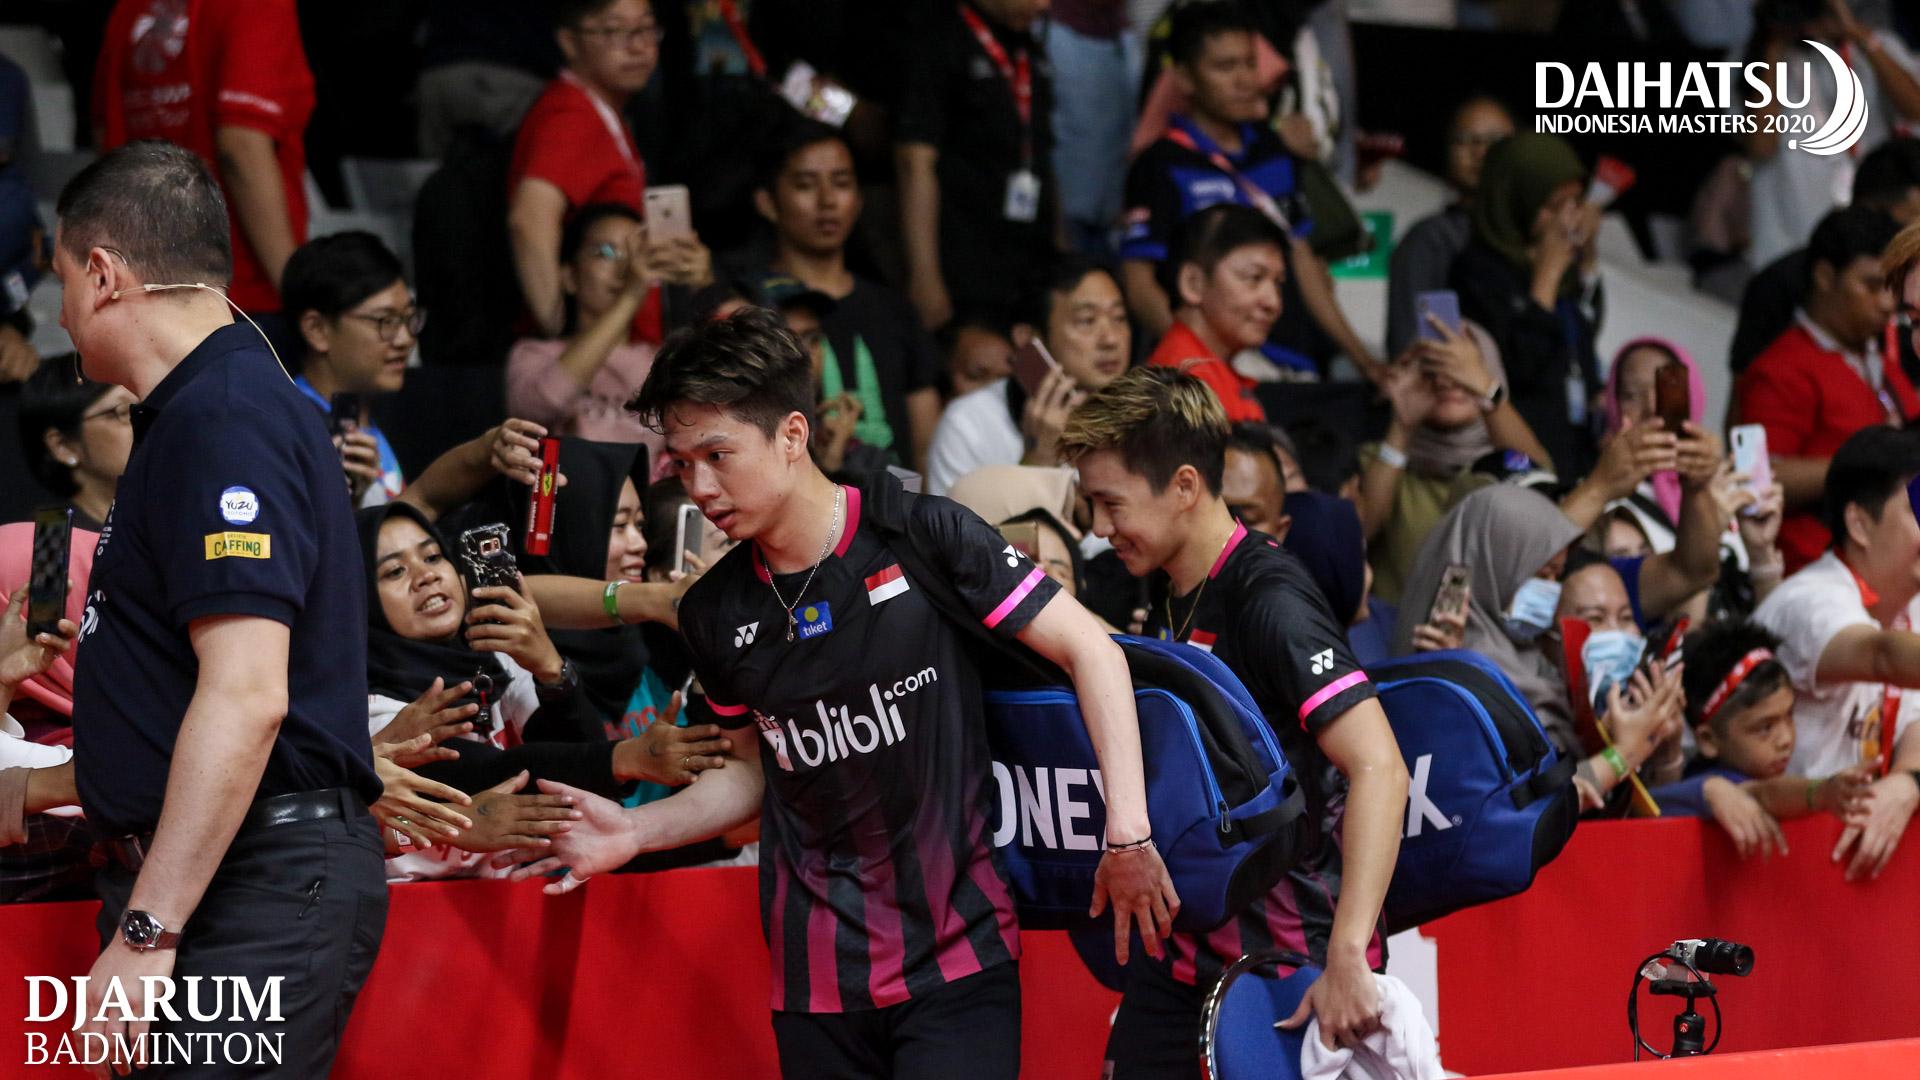 Daihatsu Indonesia Masters 2020 yang masih dihadiri penonton